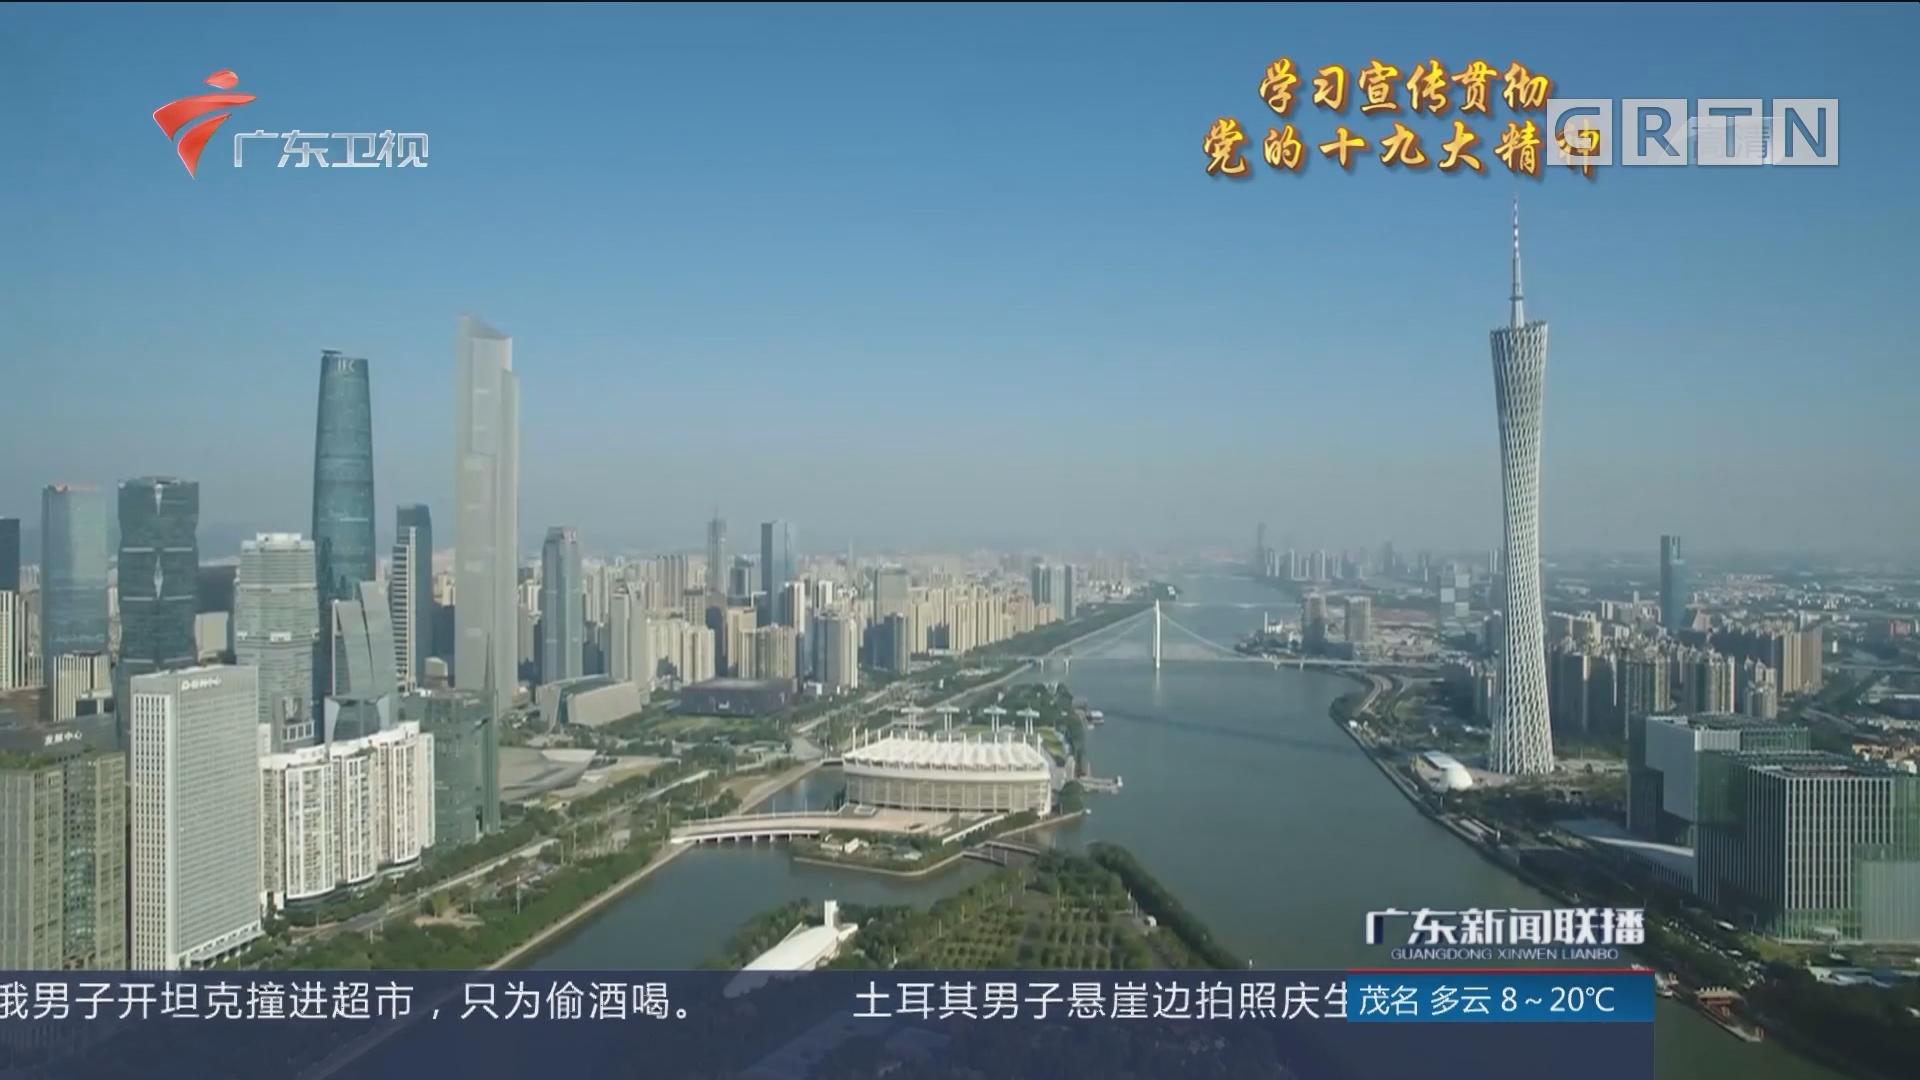 广州:打造美丽花城的新名片